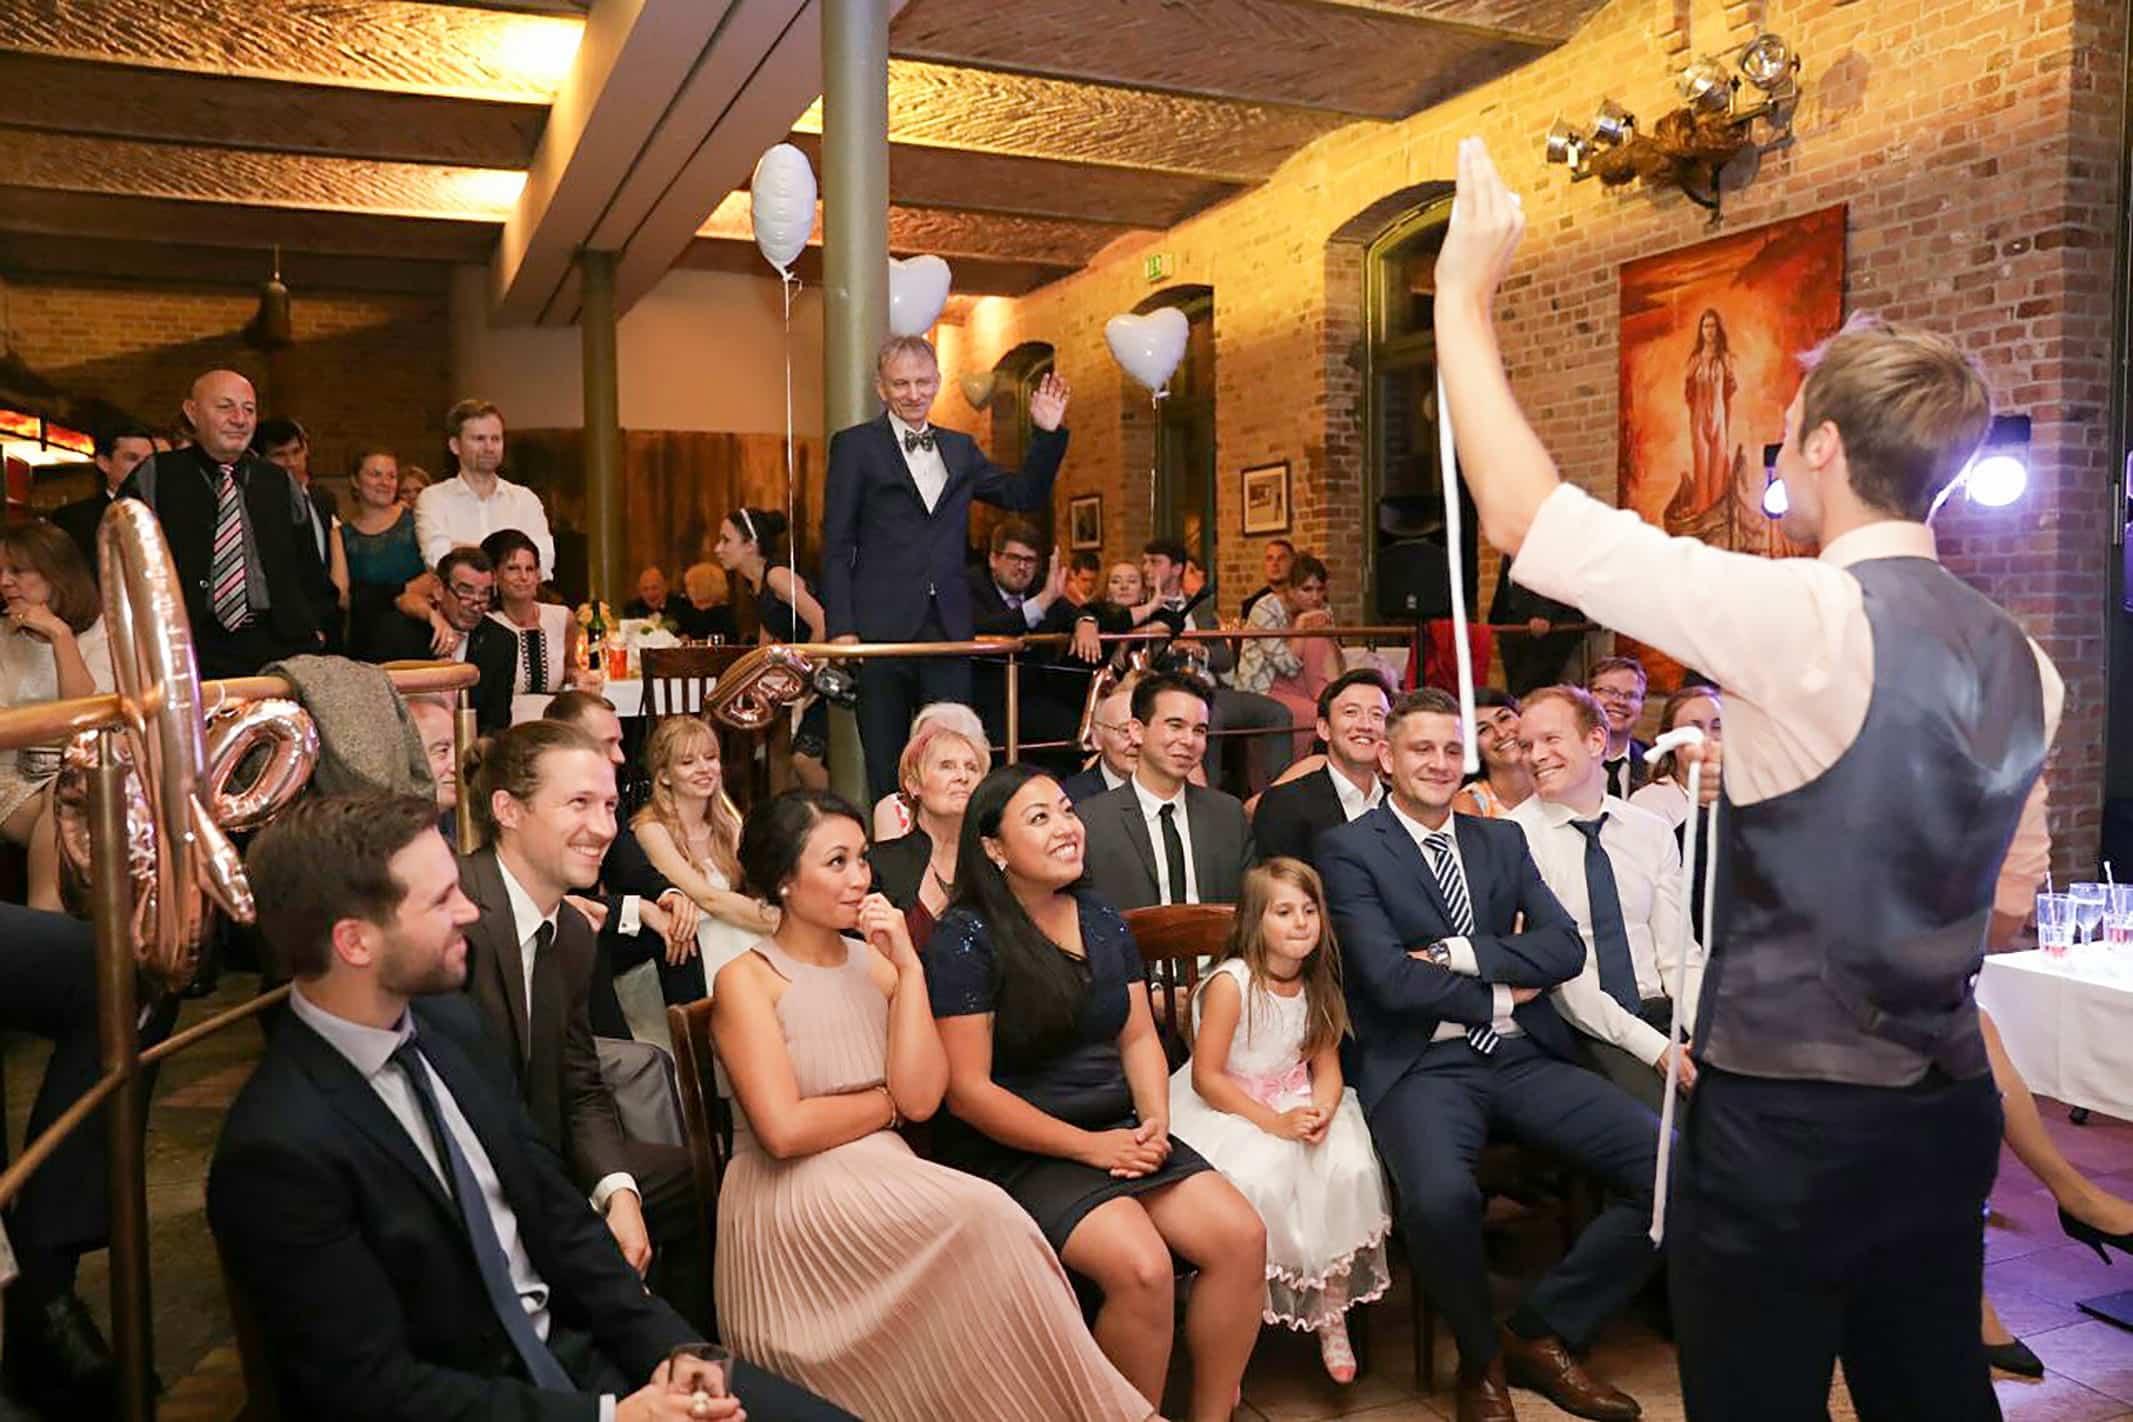 Auf einer Hochzeit bringt der Magier das Publikum mit seinen Zauberseilen zum Staunen. Sie sehen ihn ungläubig an und freuen sich.